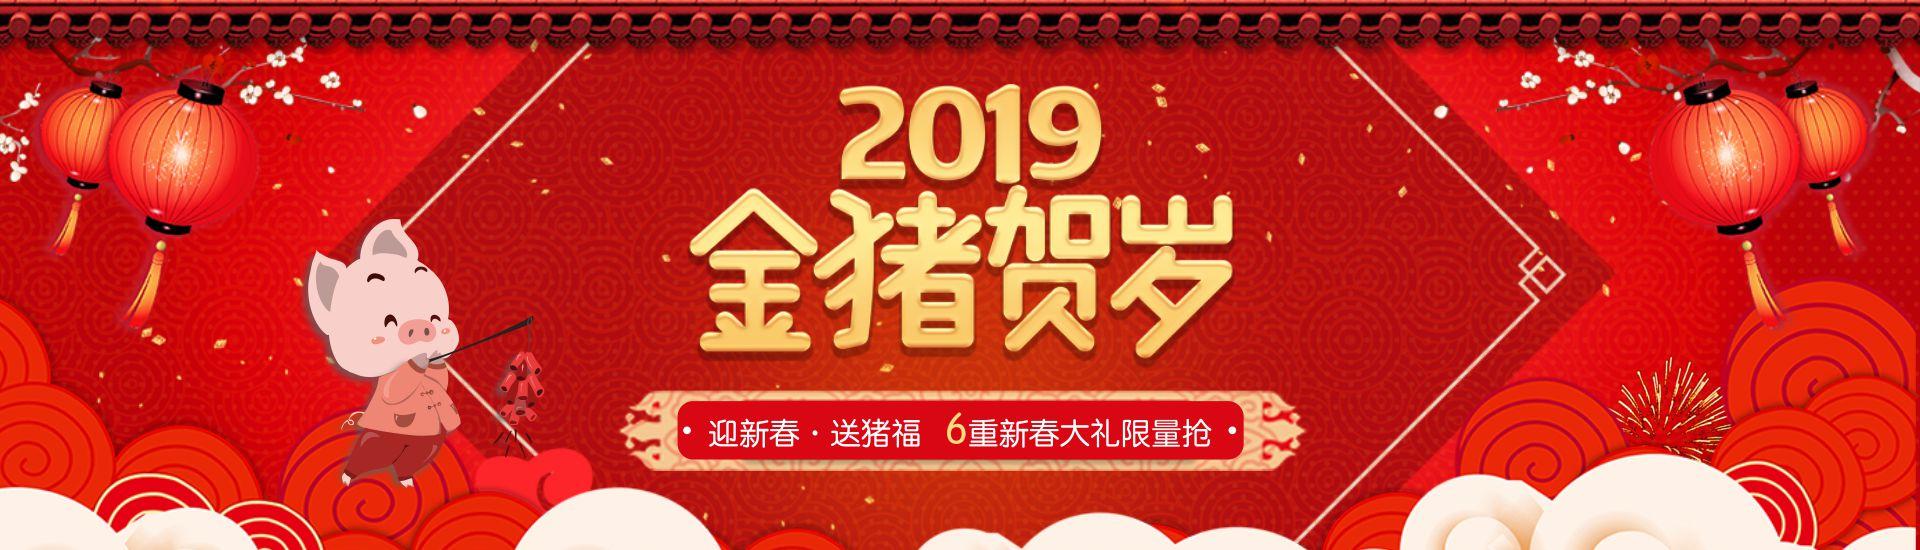 2019金猪贺岁